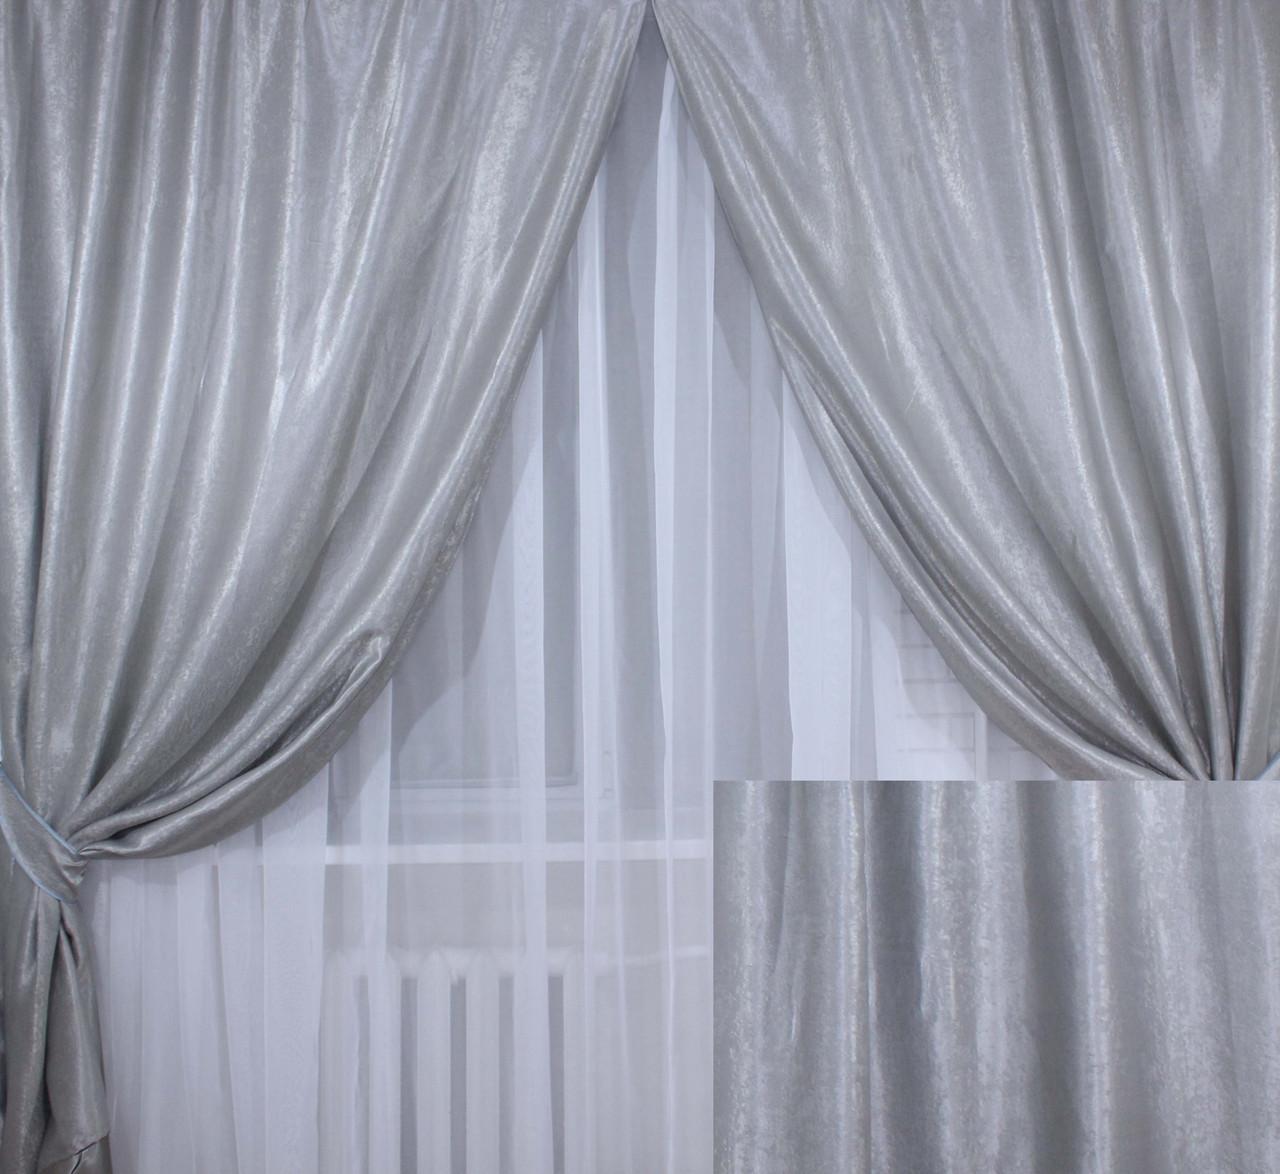 """Комплект готовых штор из ткани блэкаут """"Софт"""". Цвет серый 157ш 2 шторы шириной по 1.5м."""